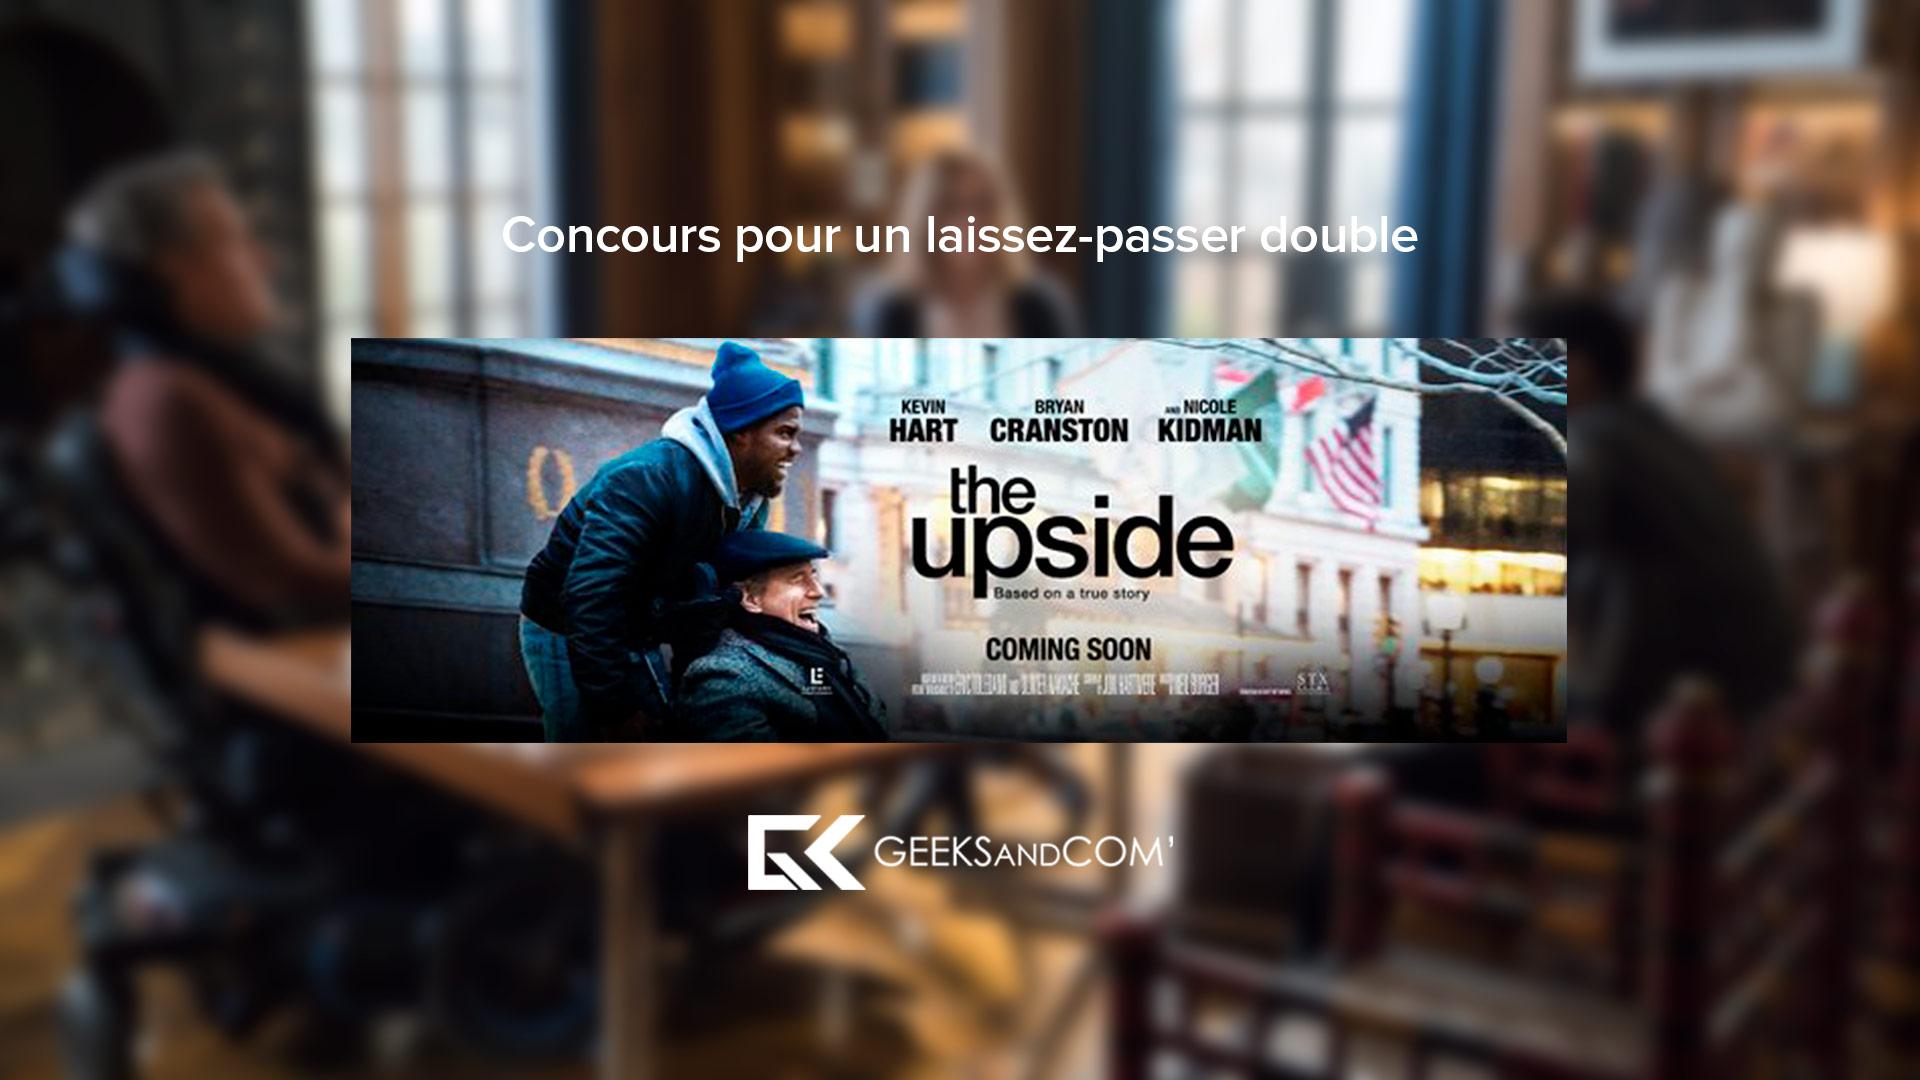 [MTL] Concours pour voir le film THE UPSIDE